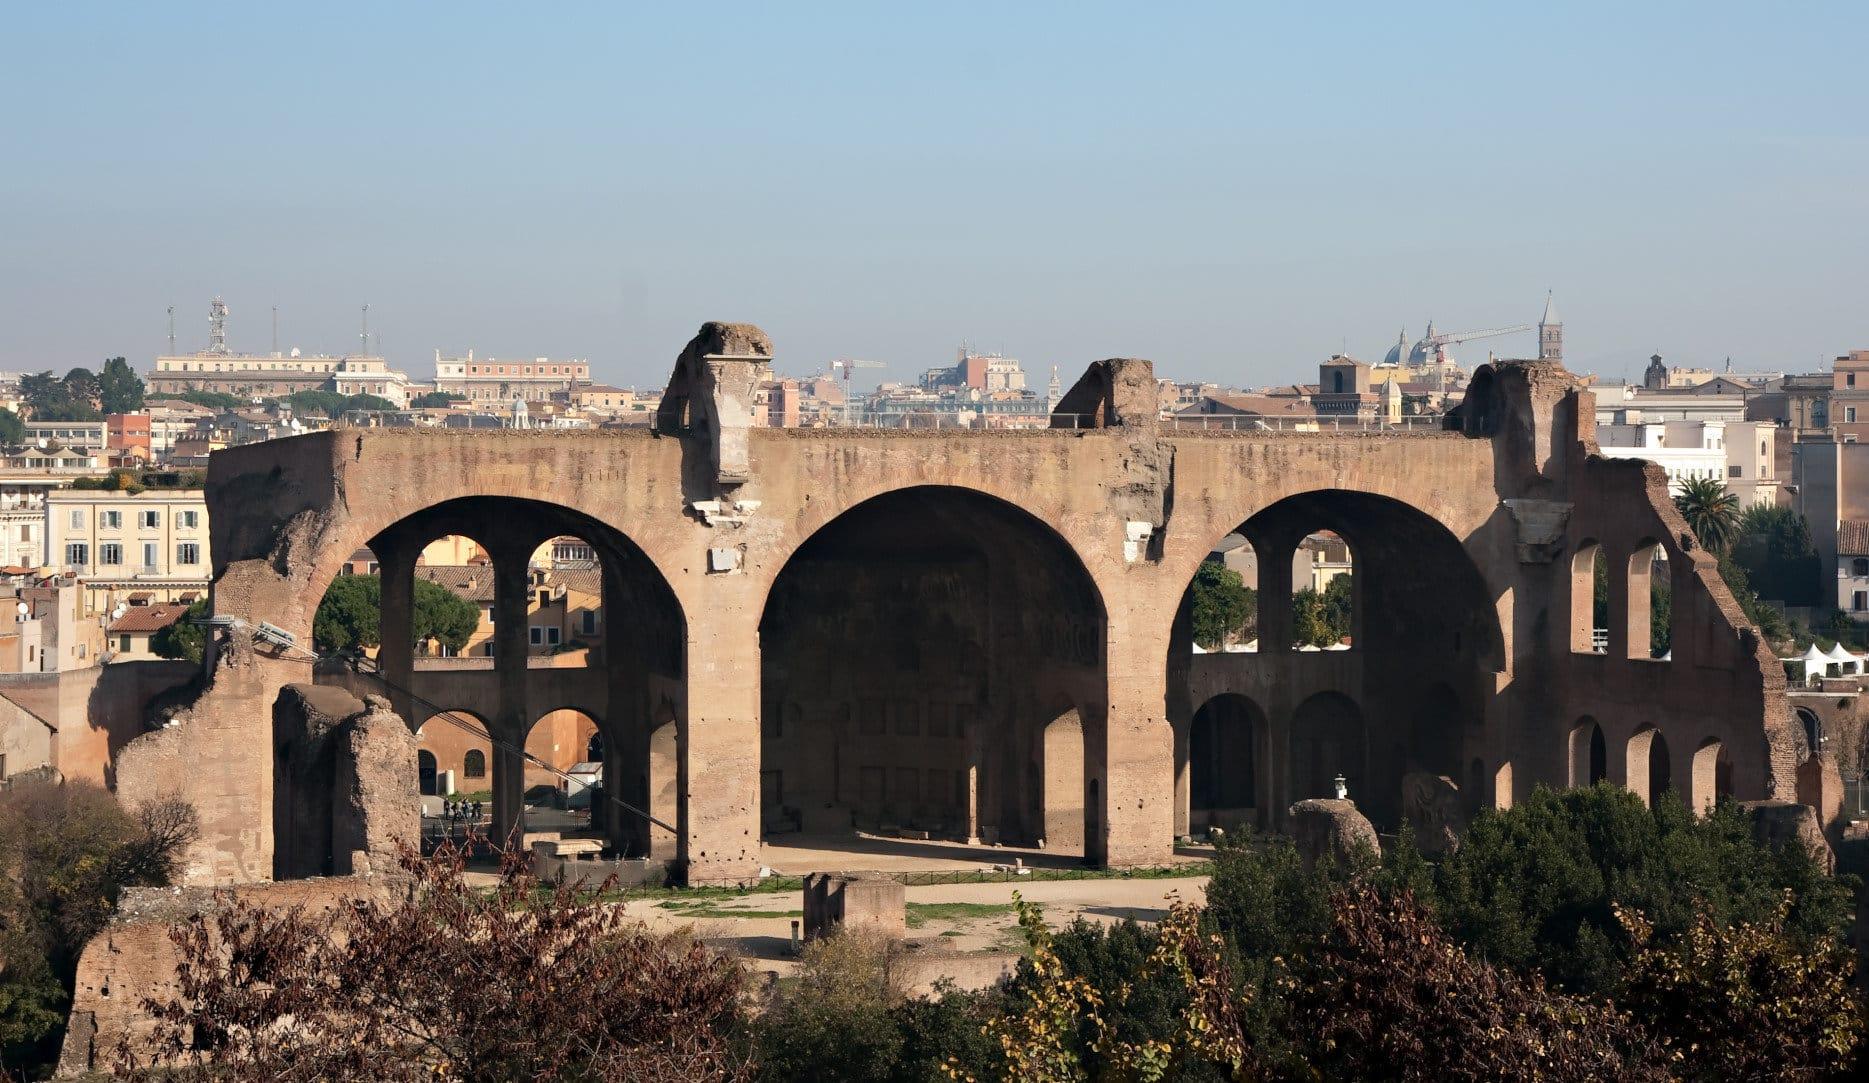 Remains of Basilica of Maxentius and Constantine, Forum Romanum, Rome, Italy